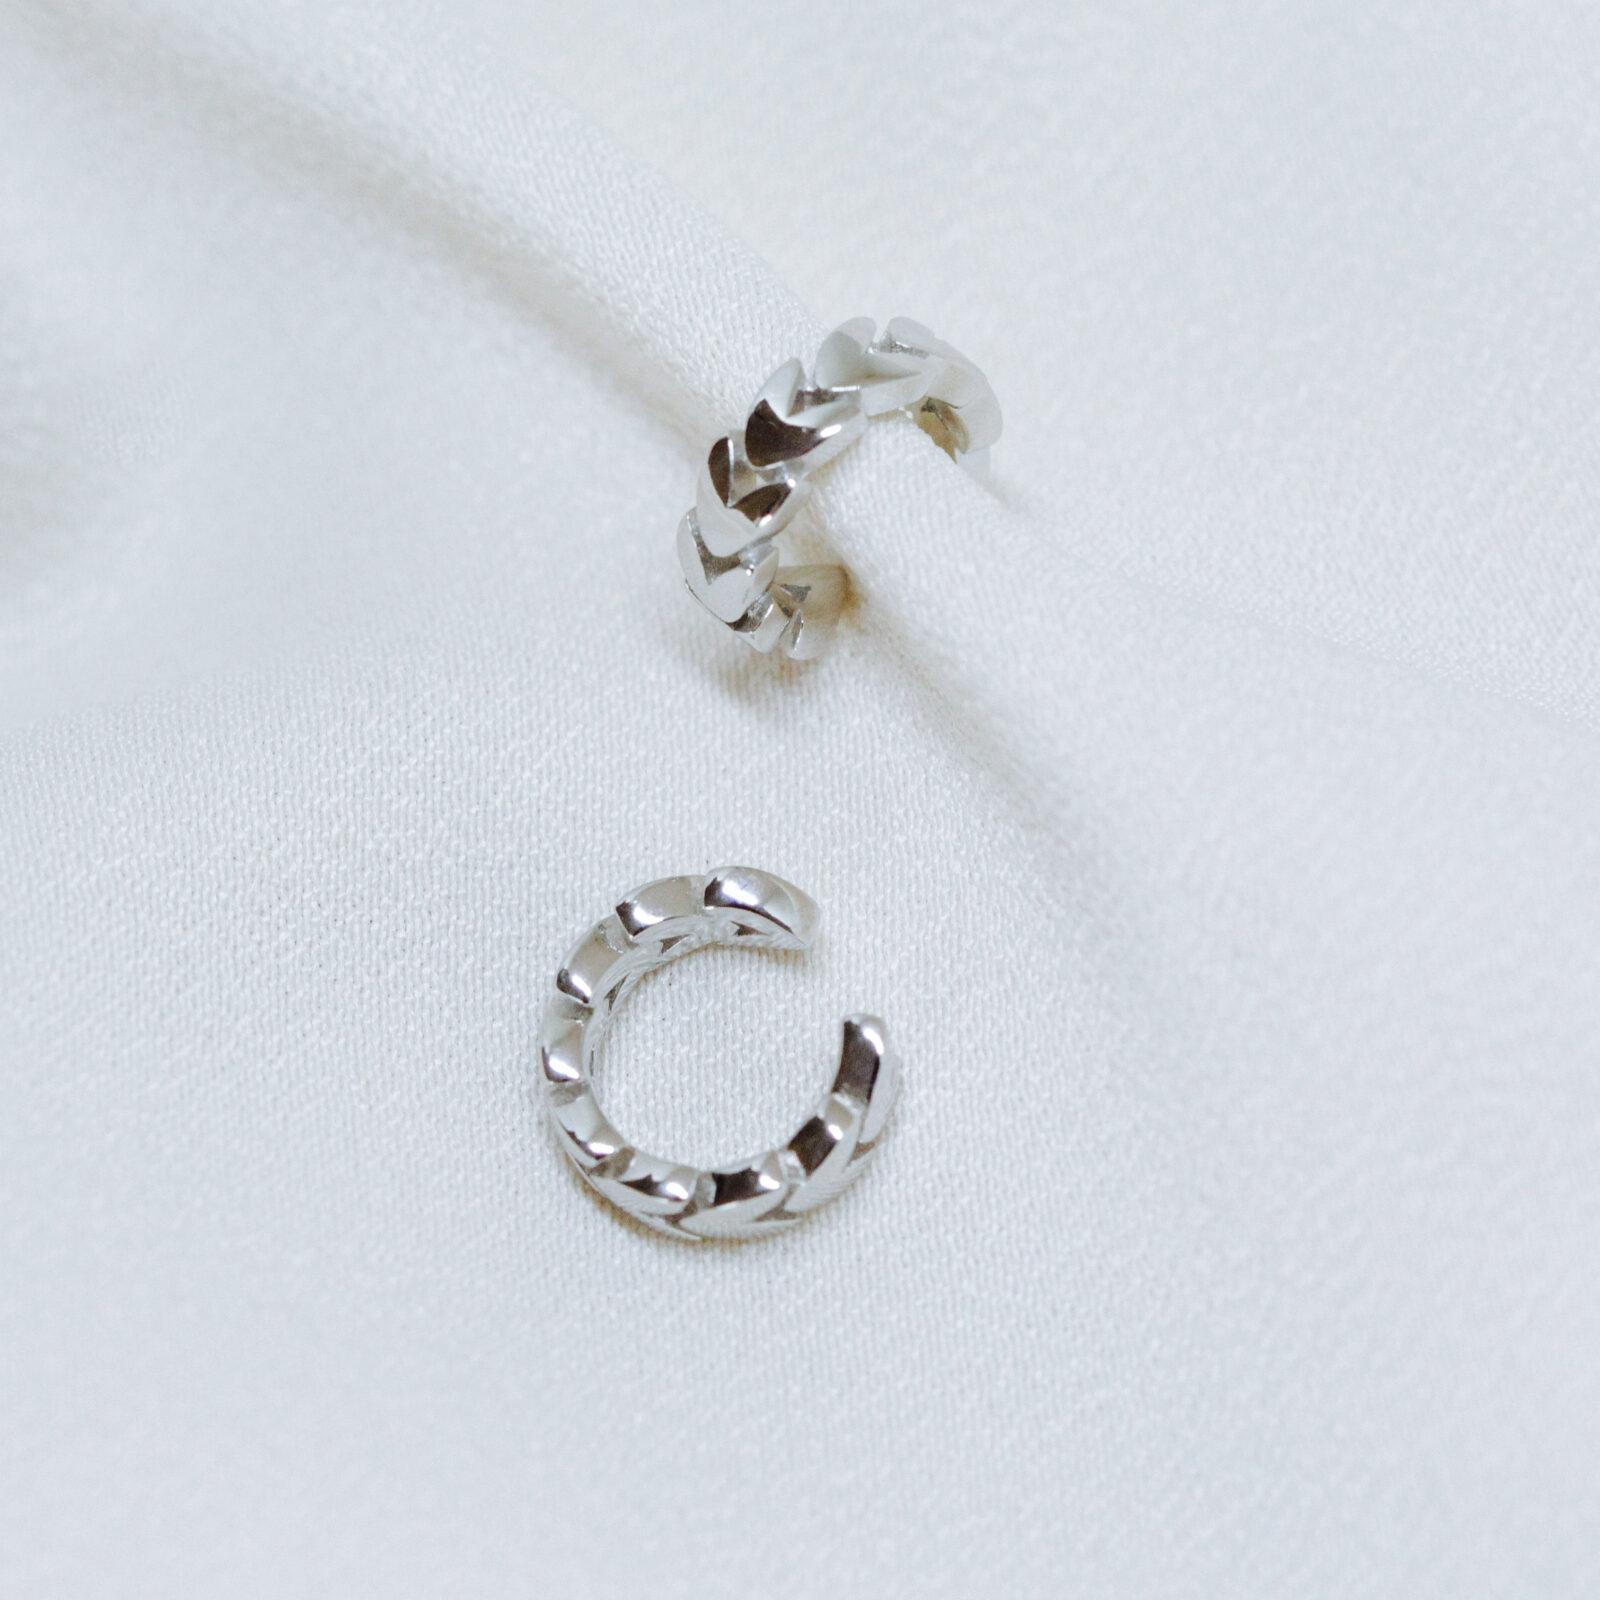 Brinco Piercing Liso de Prata 925 | Lanarée Acessórios